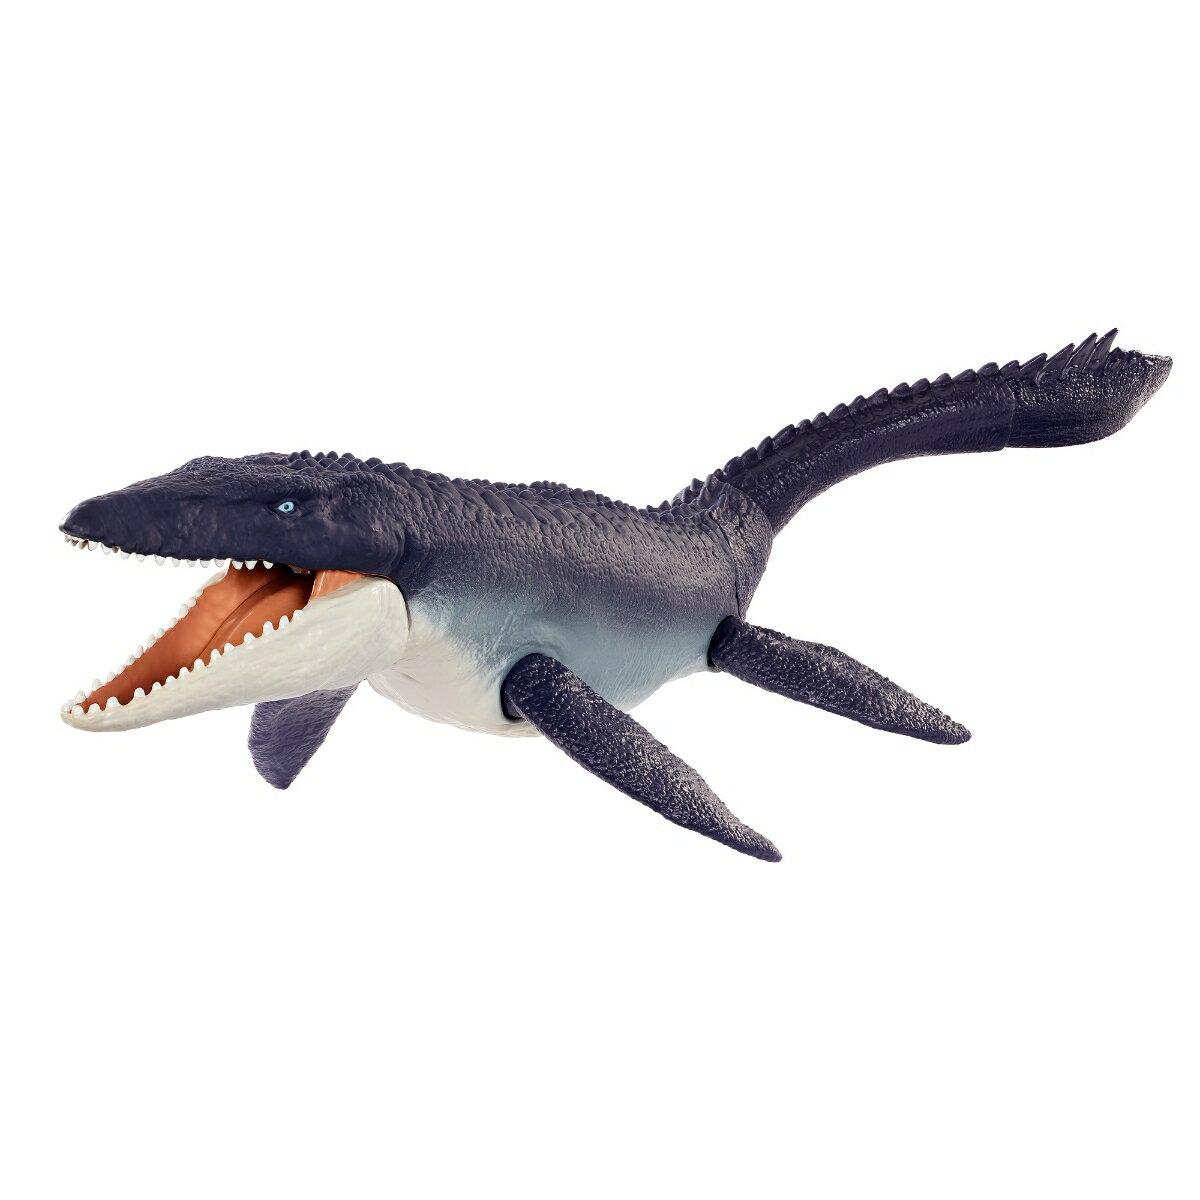 マテル ジュラシックワールド(JURASSIC WORLD) 海の王者!モササウルス GXC09